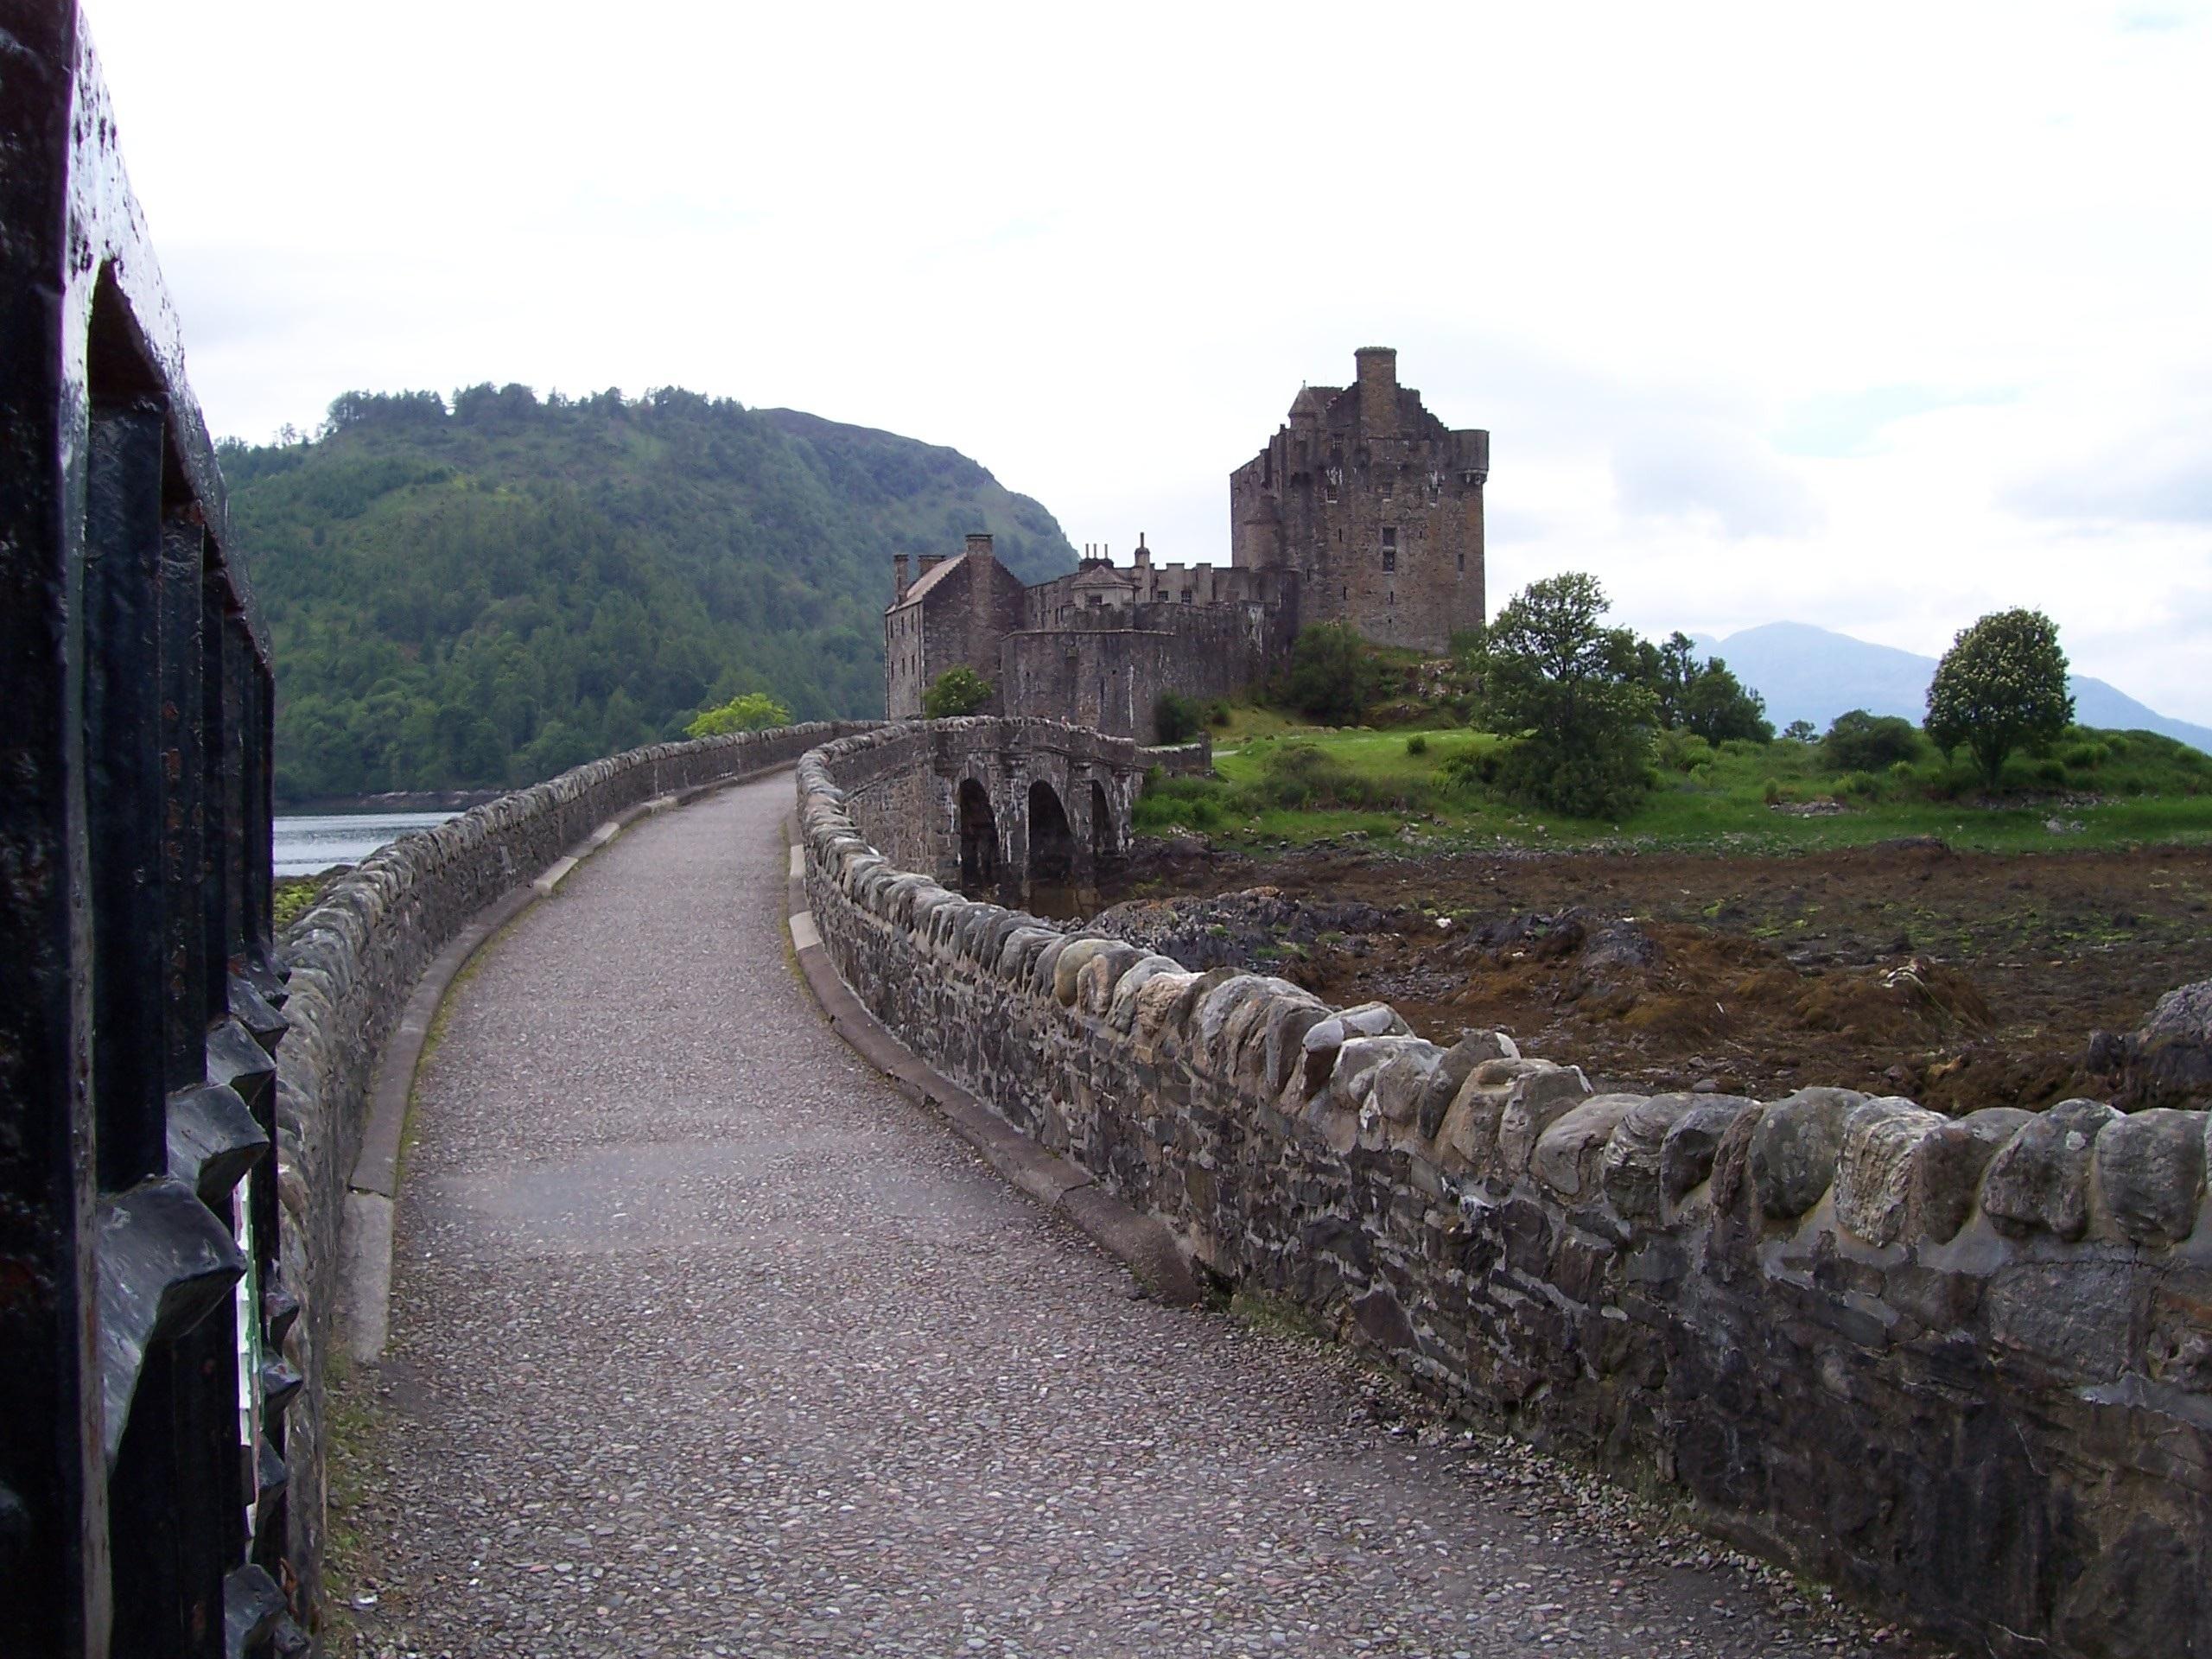 fotos gratis paisaje agua puente interior lago edificio castillo antiguo pared piedra pueblo torre punto de referencia